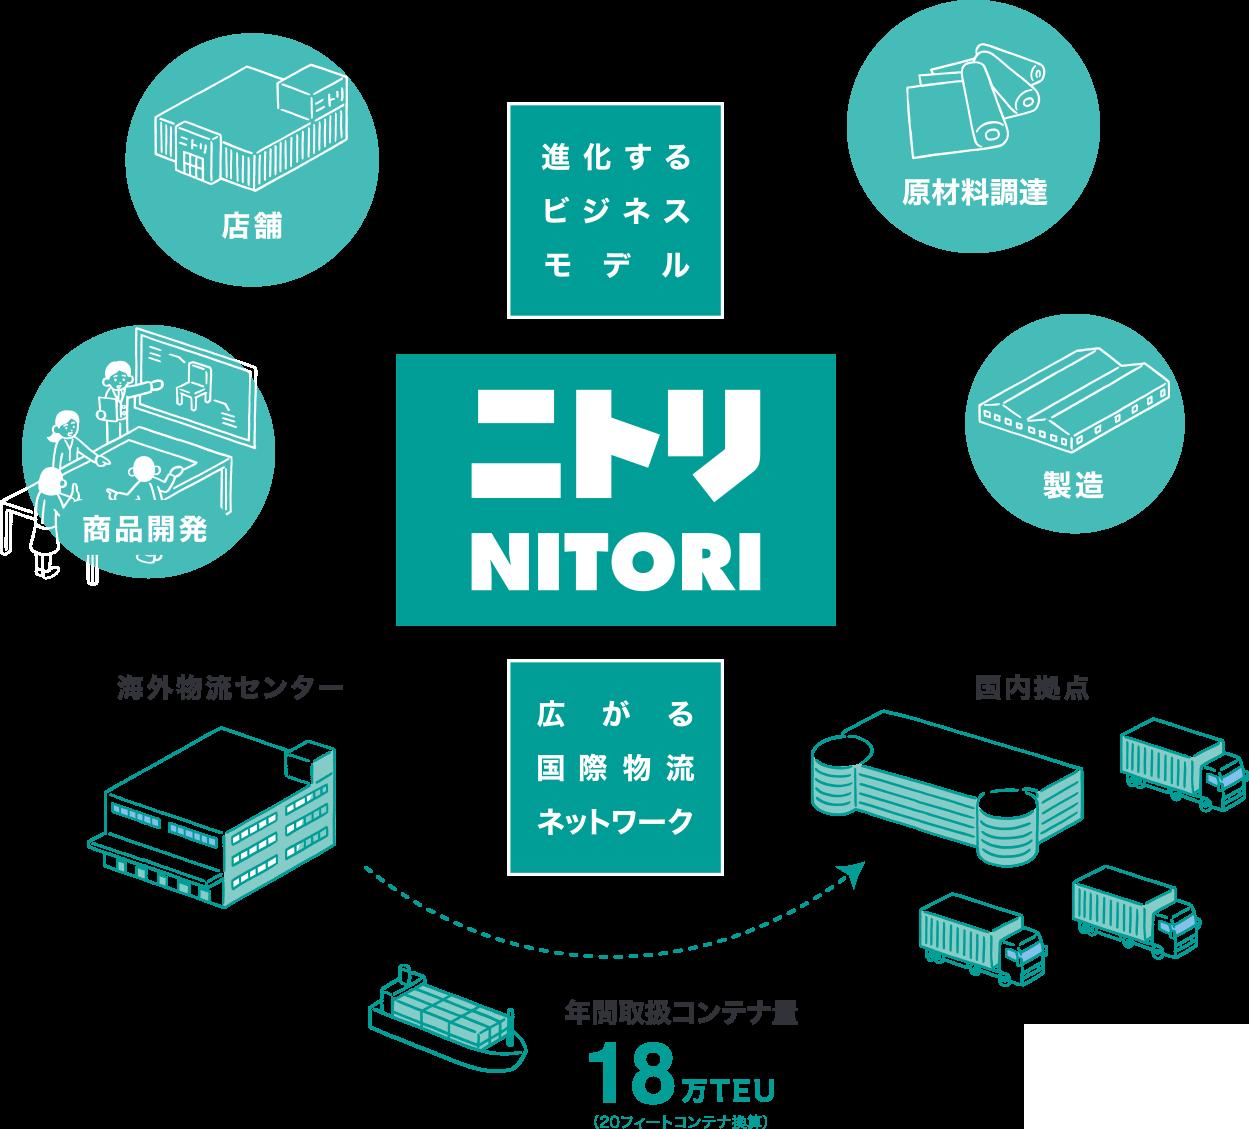 ニトリ NITORI 進化するビジネスモデル 広がる国際物流ネットワーク 原材料調達 製造 国内拠点 年間取扱コンテナ量 18万TEU 海外物流センター 商品開発 店舗